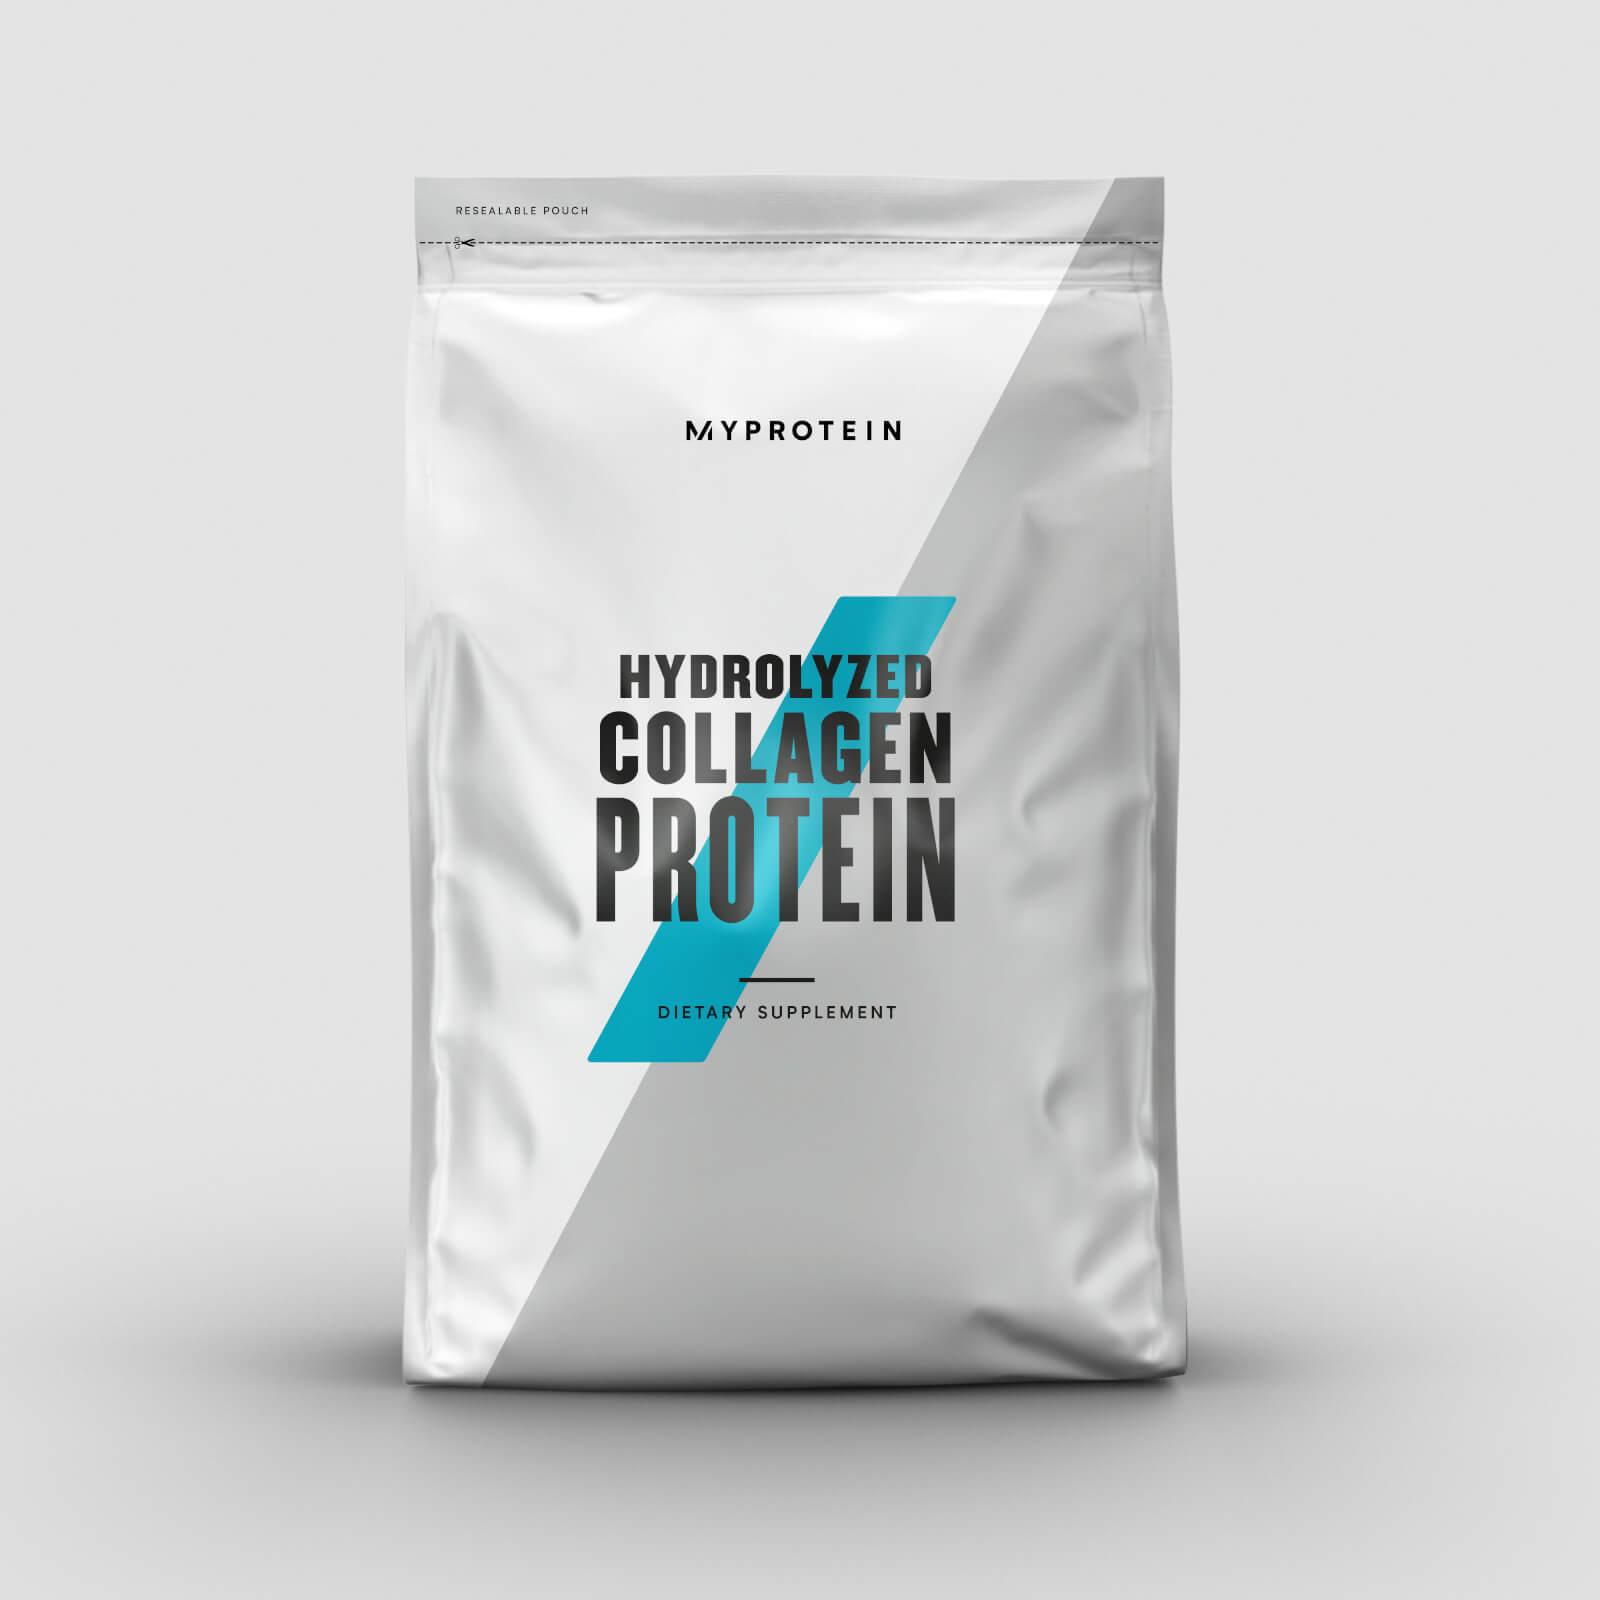 Myprotein Collagen Protein - 1.1lb - Chocolate